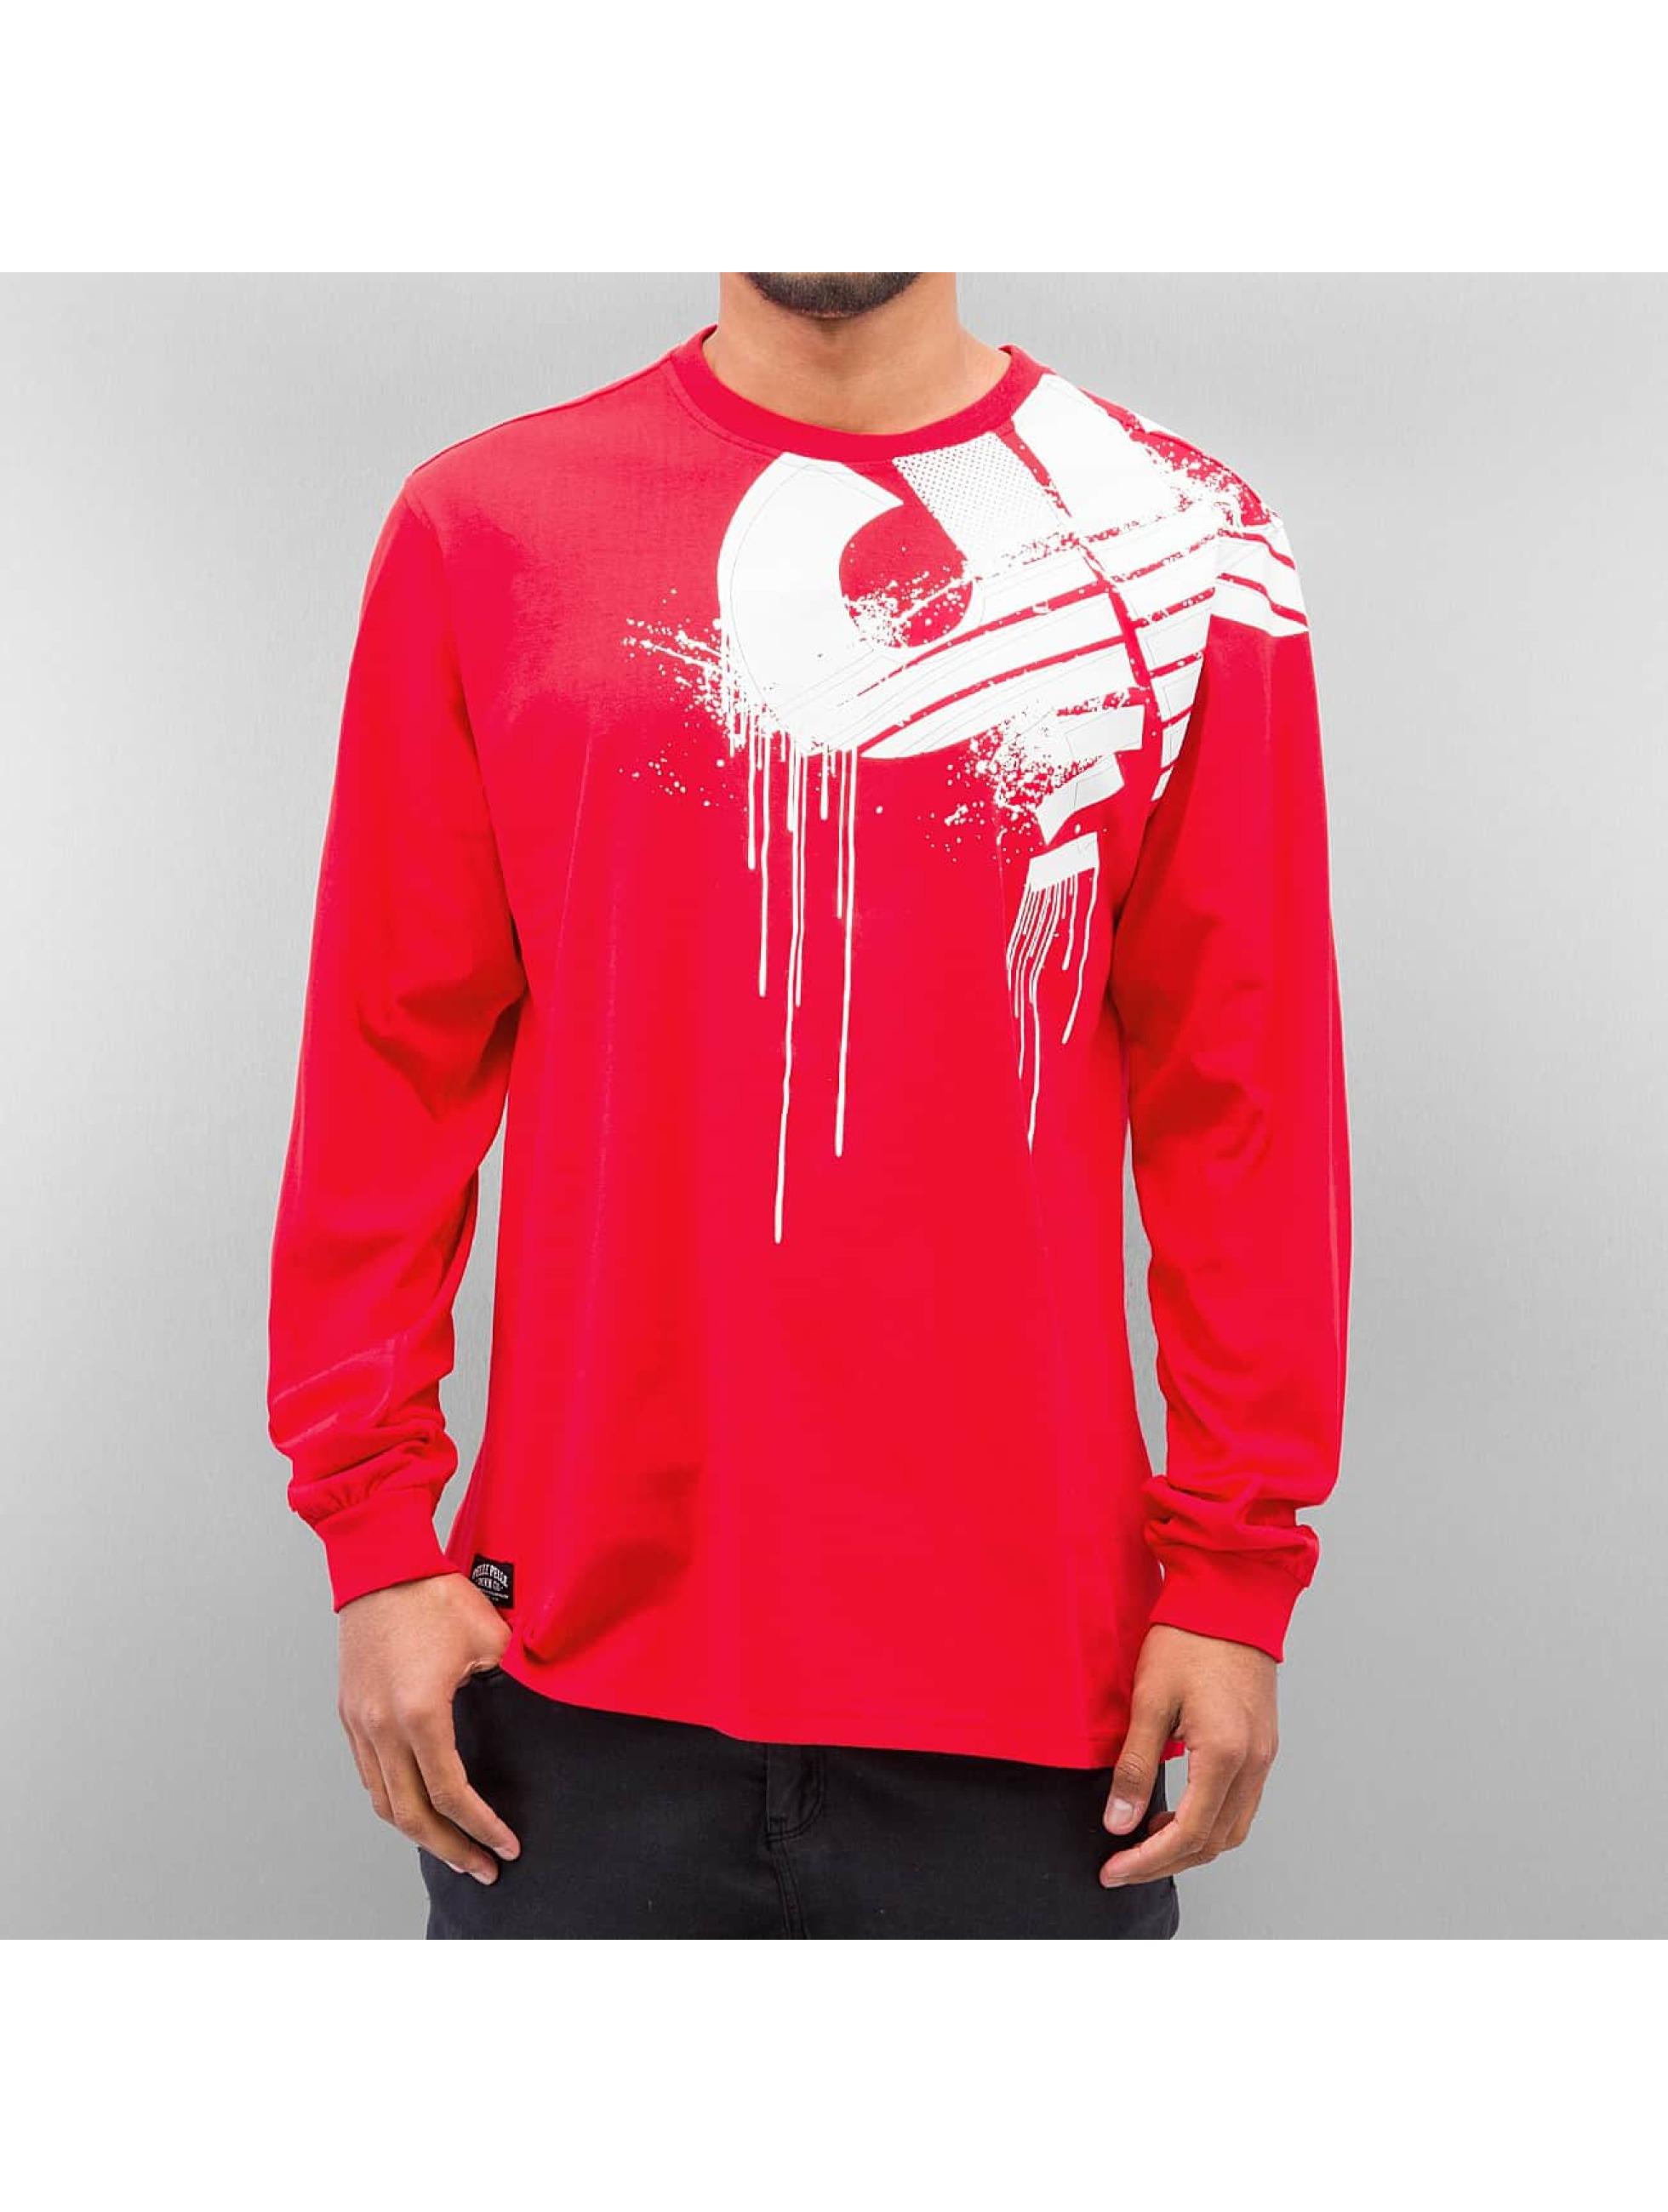 Pelle Pelle Pitkähihaiset paidat Demolition punainen